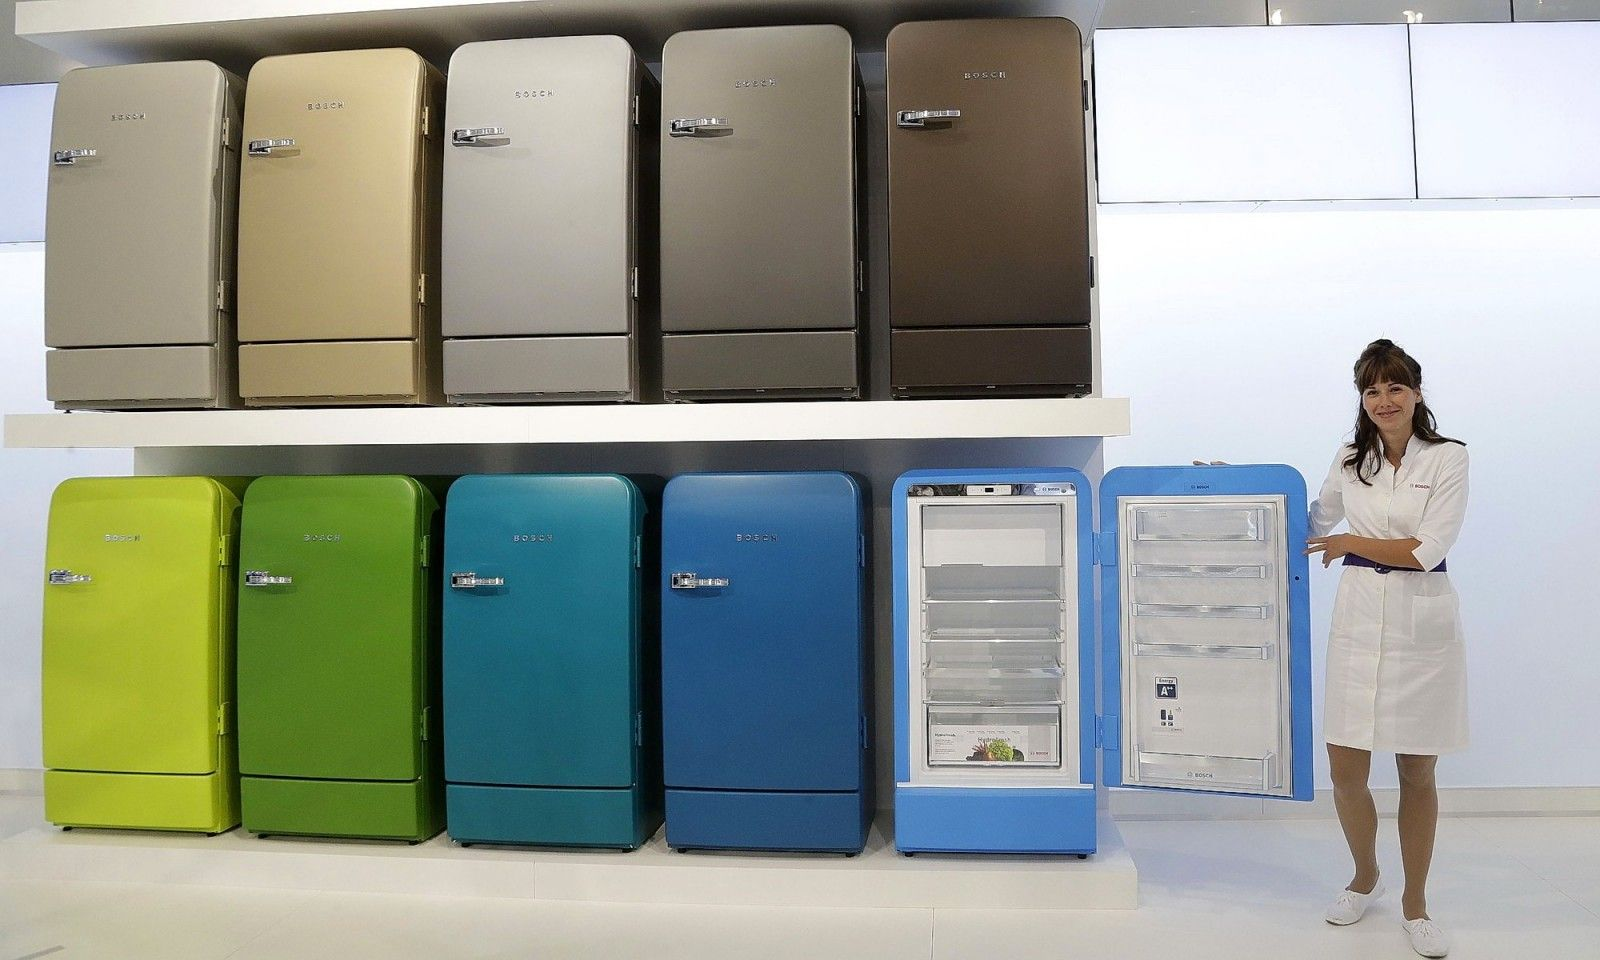 Bosch refrigerators in wide color range